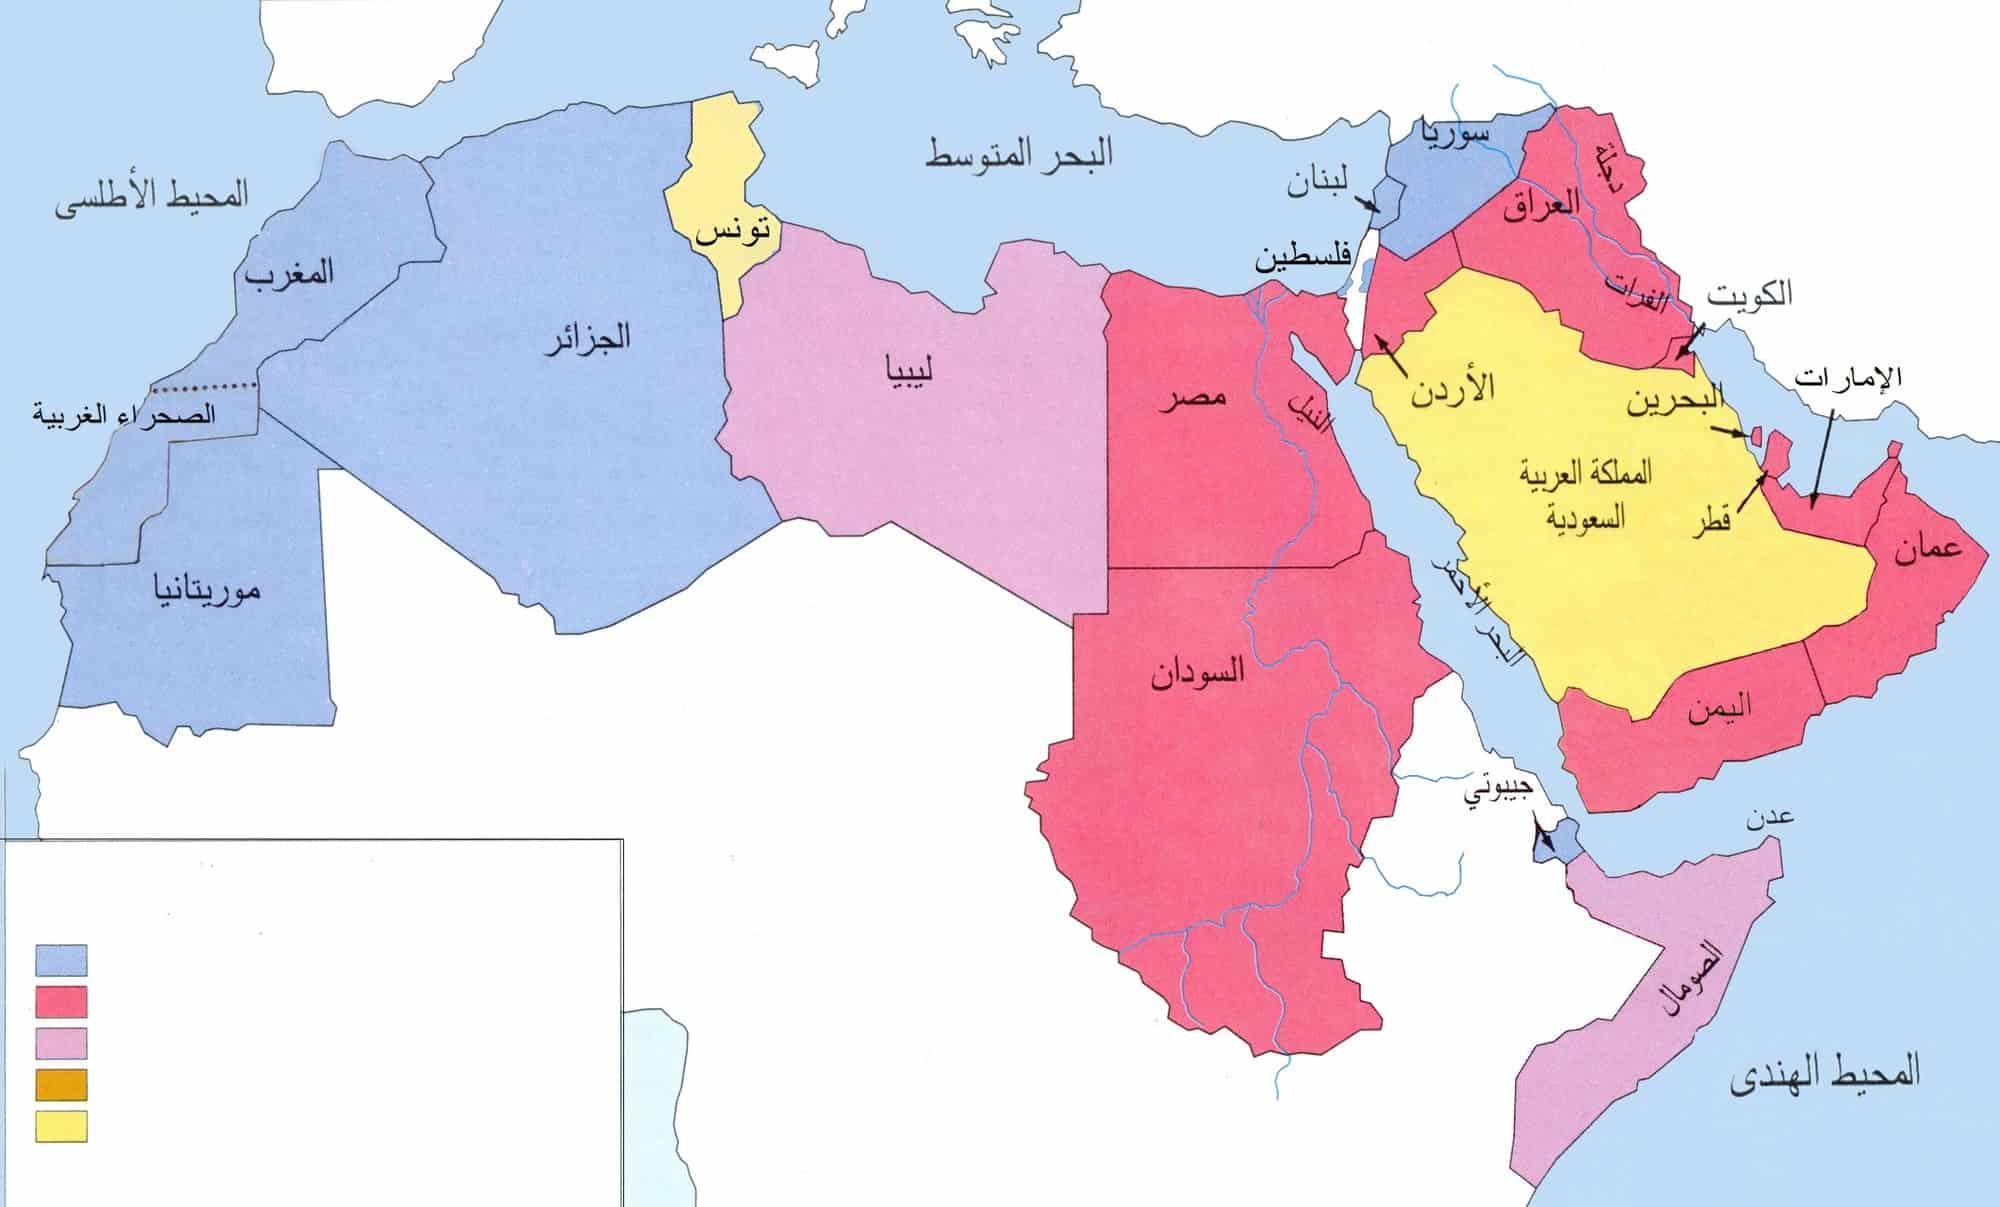 شرح خريطة الوطن العربي موسوعة